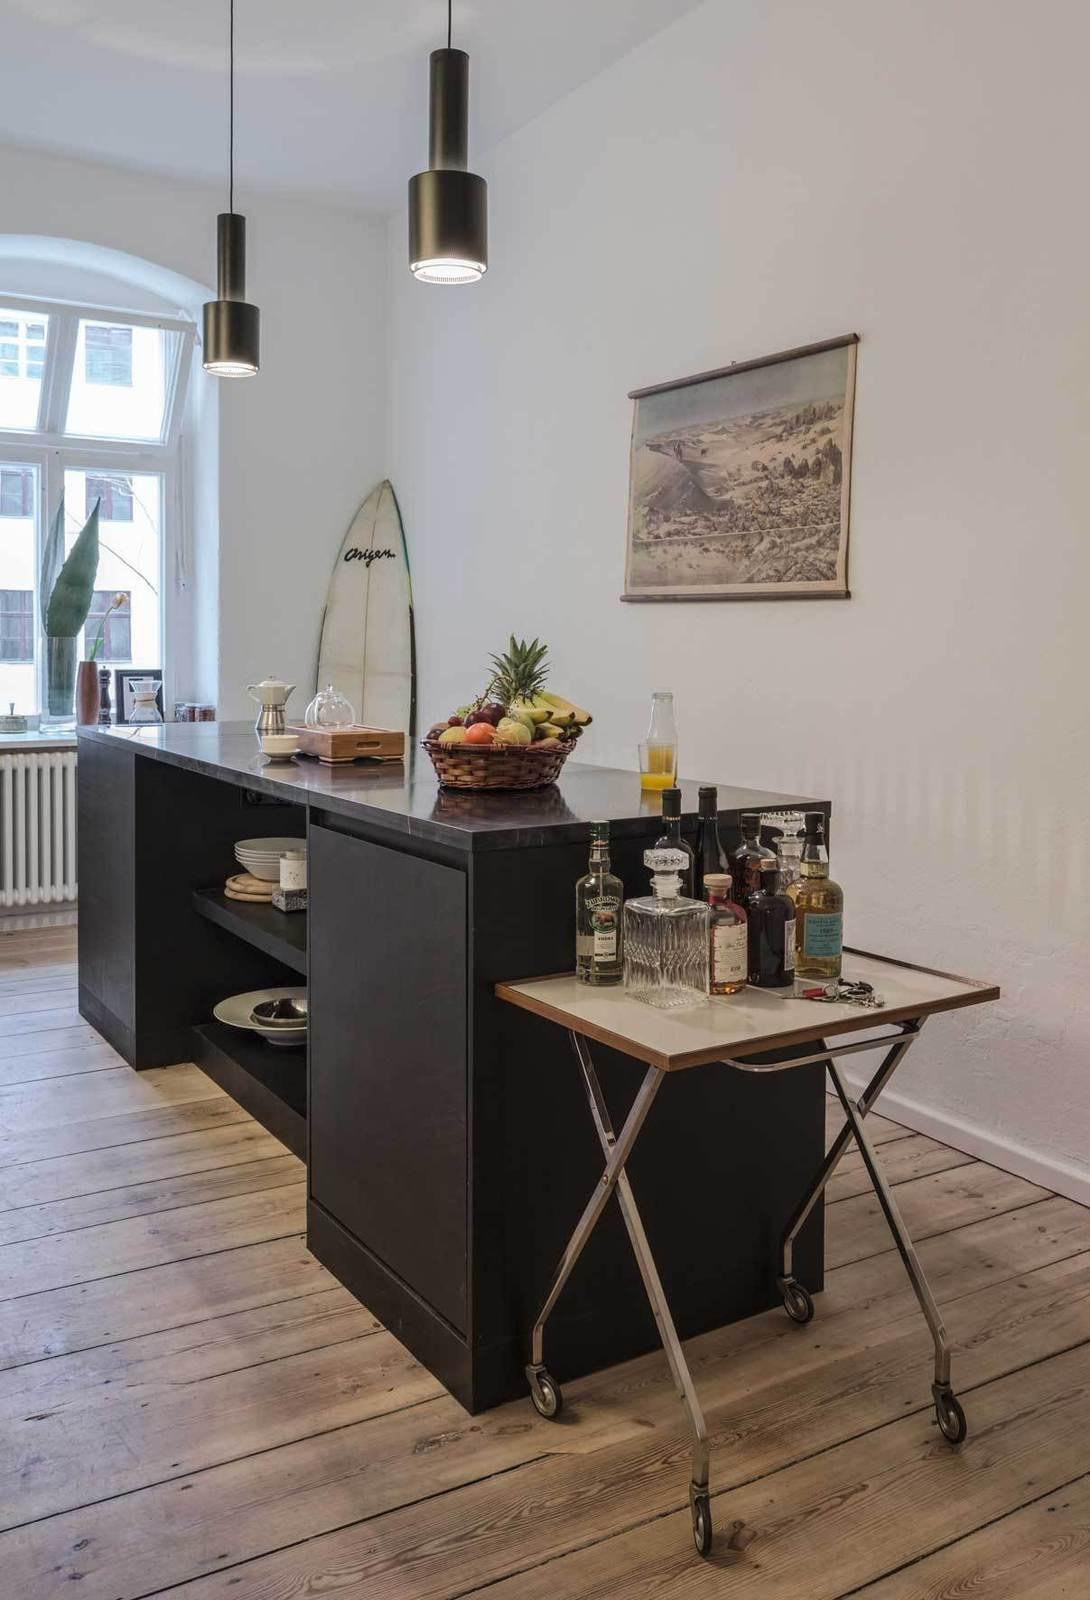 køkken-in-the-Freunde-von-freunden-Vitra-lejlighed-berlin-164 152-xl